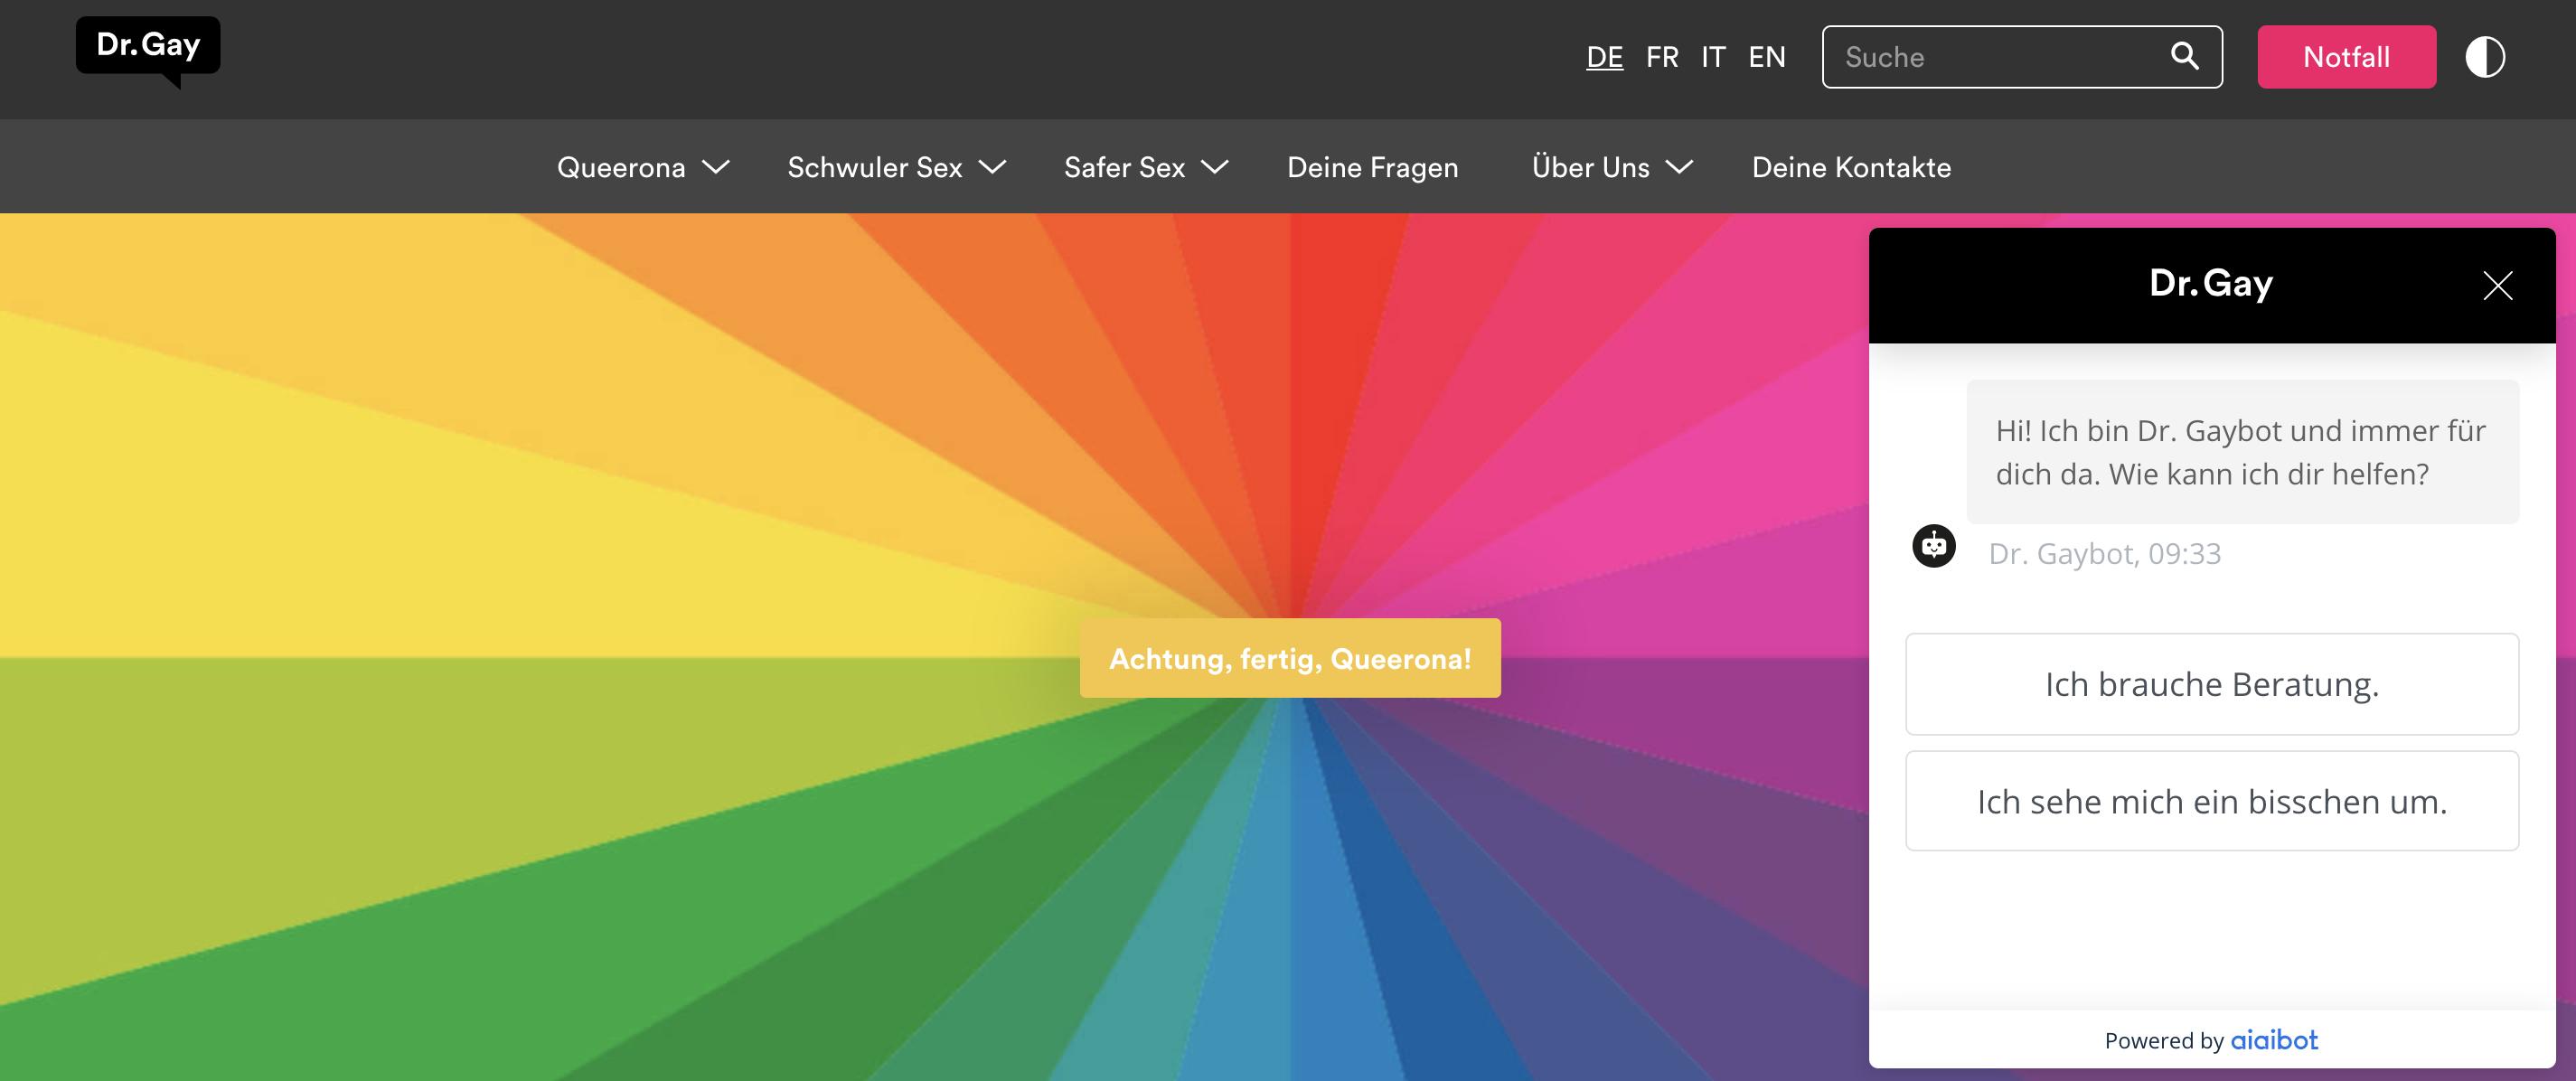 Chatbot Projekt für Dr. Gay